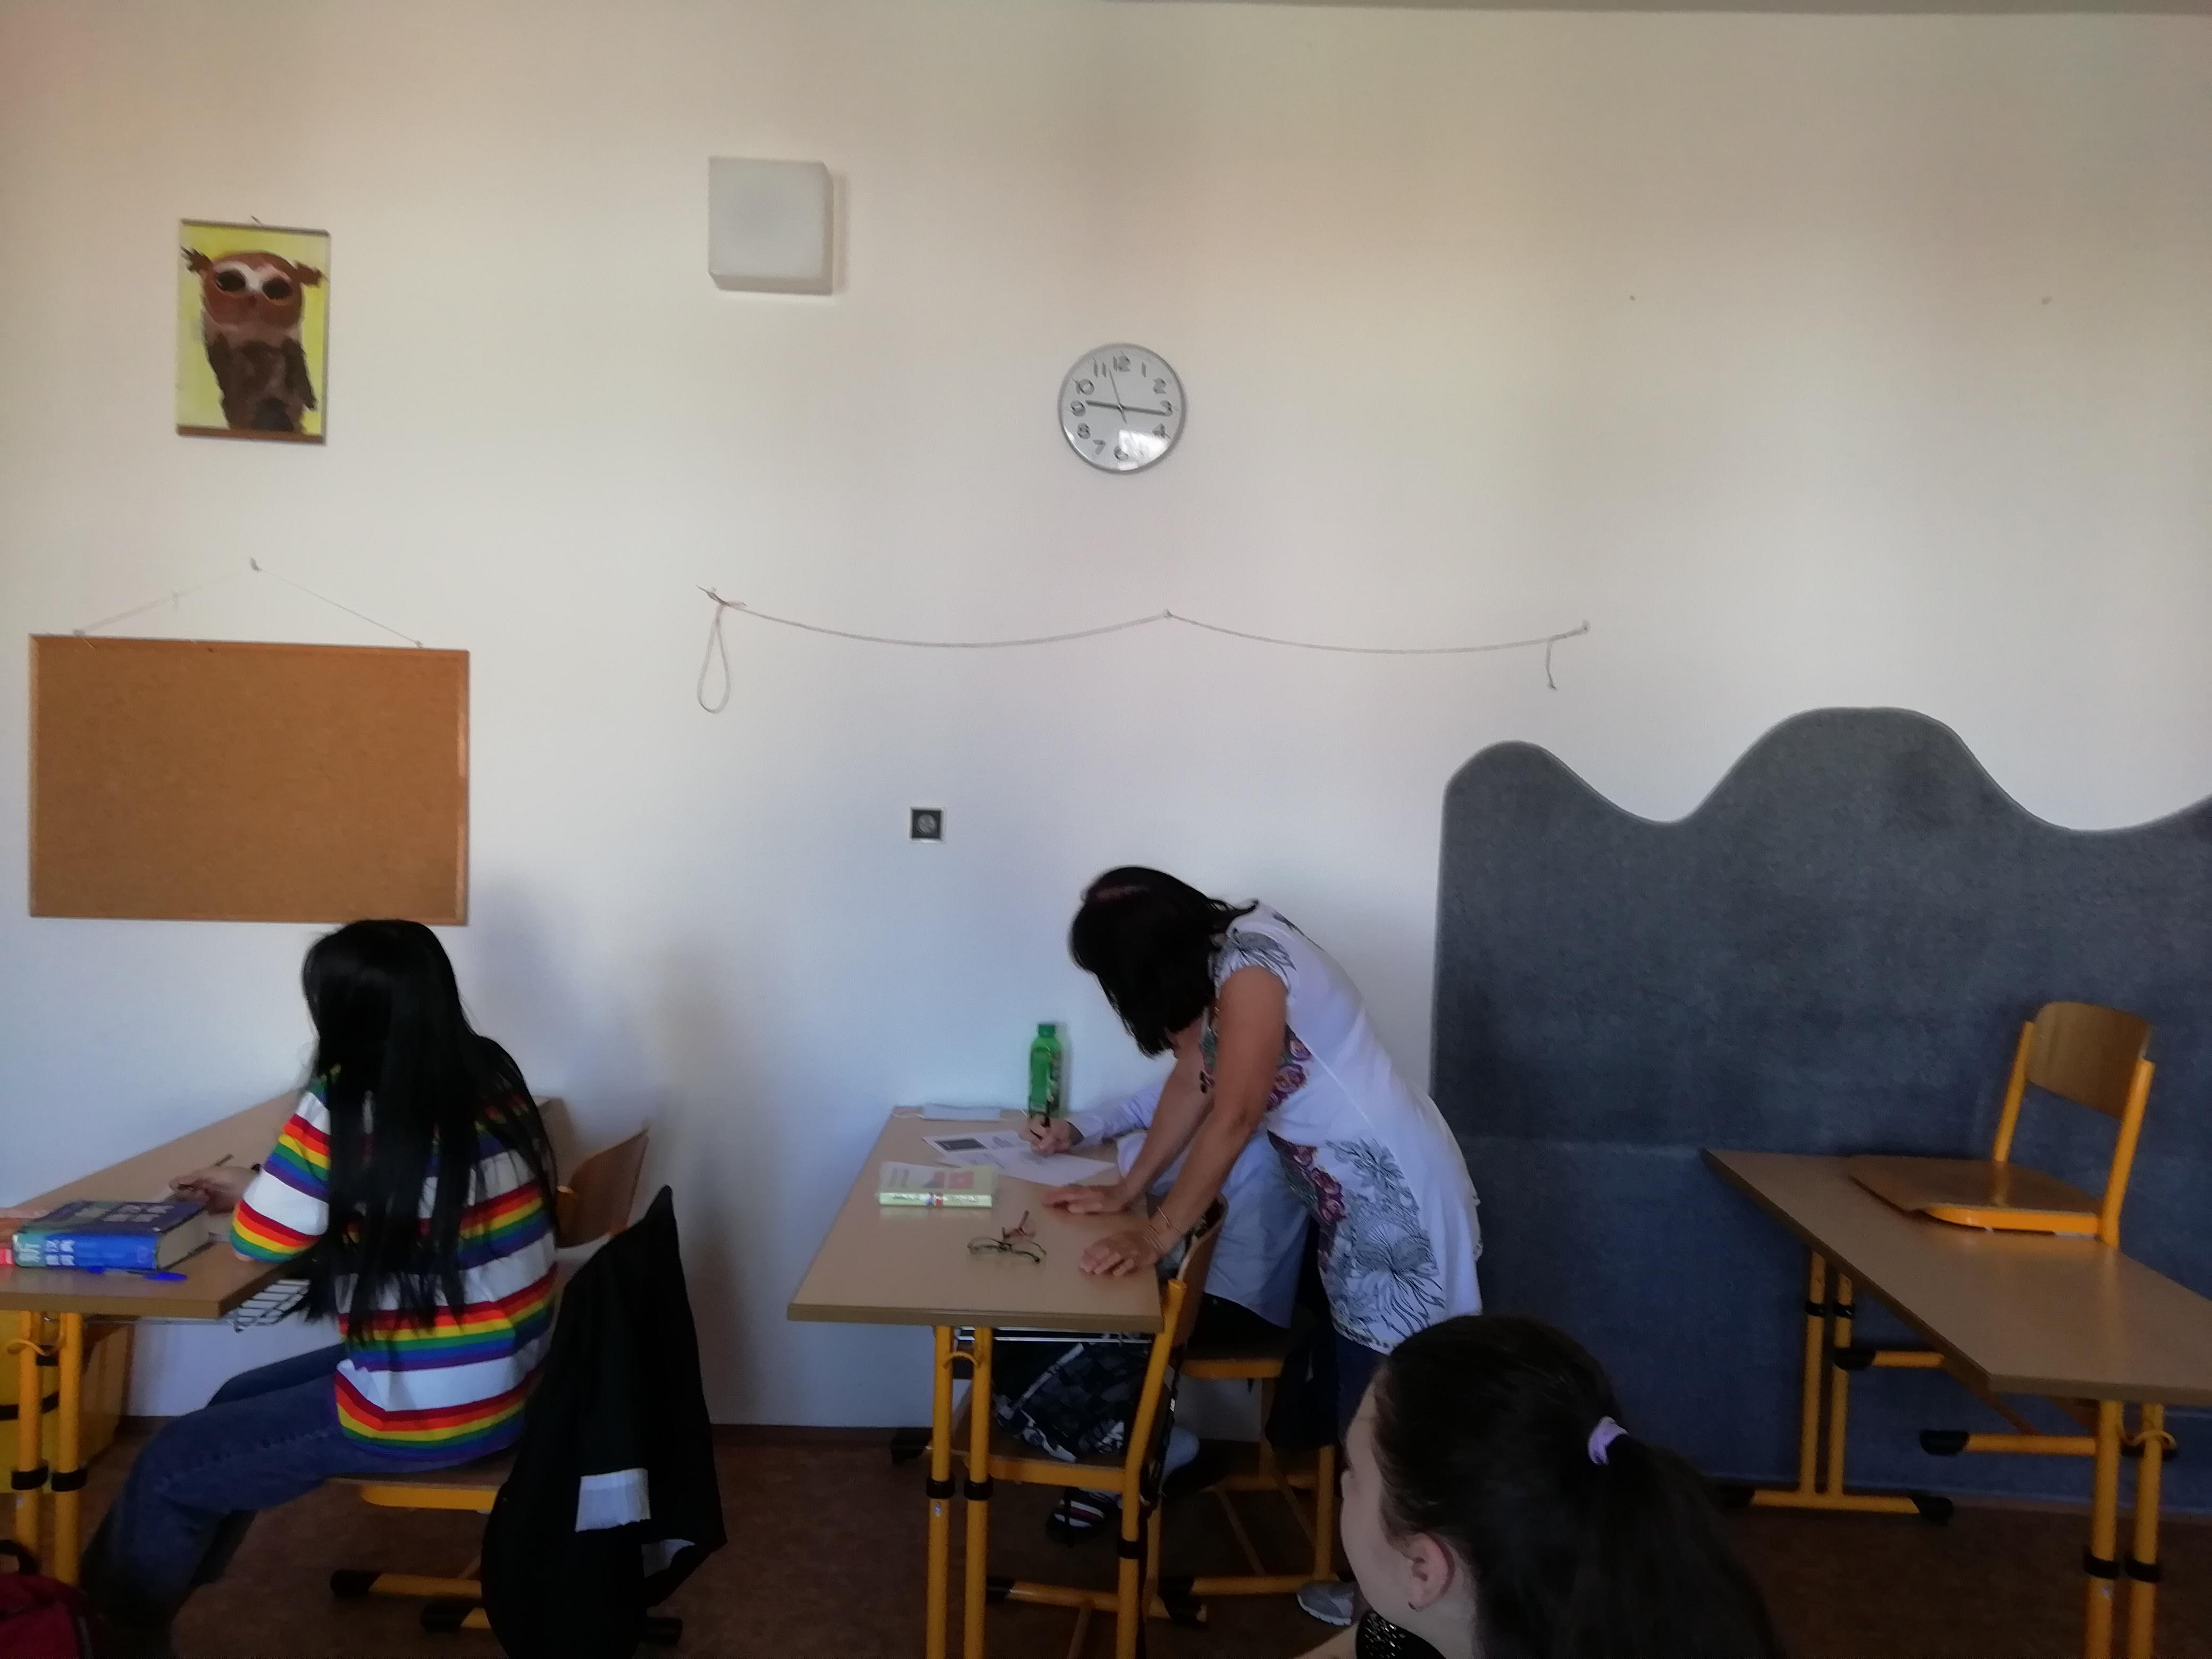 Obr. 4: Adaptační koordinátorka při výuce českého jazyka pracuje se žákem, jehož mateřským jazykem je vietnamština. Základní škola Křížová vJihlavě.